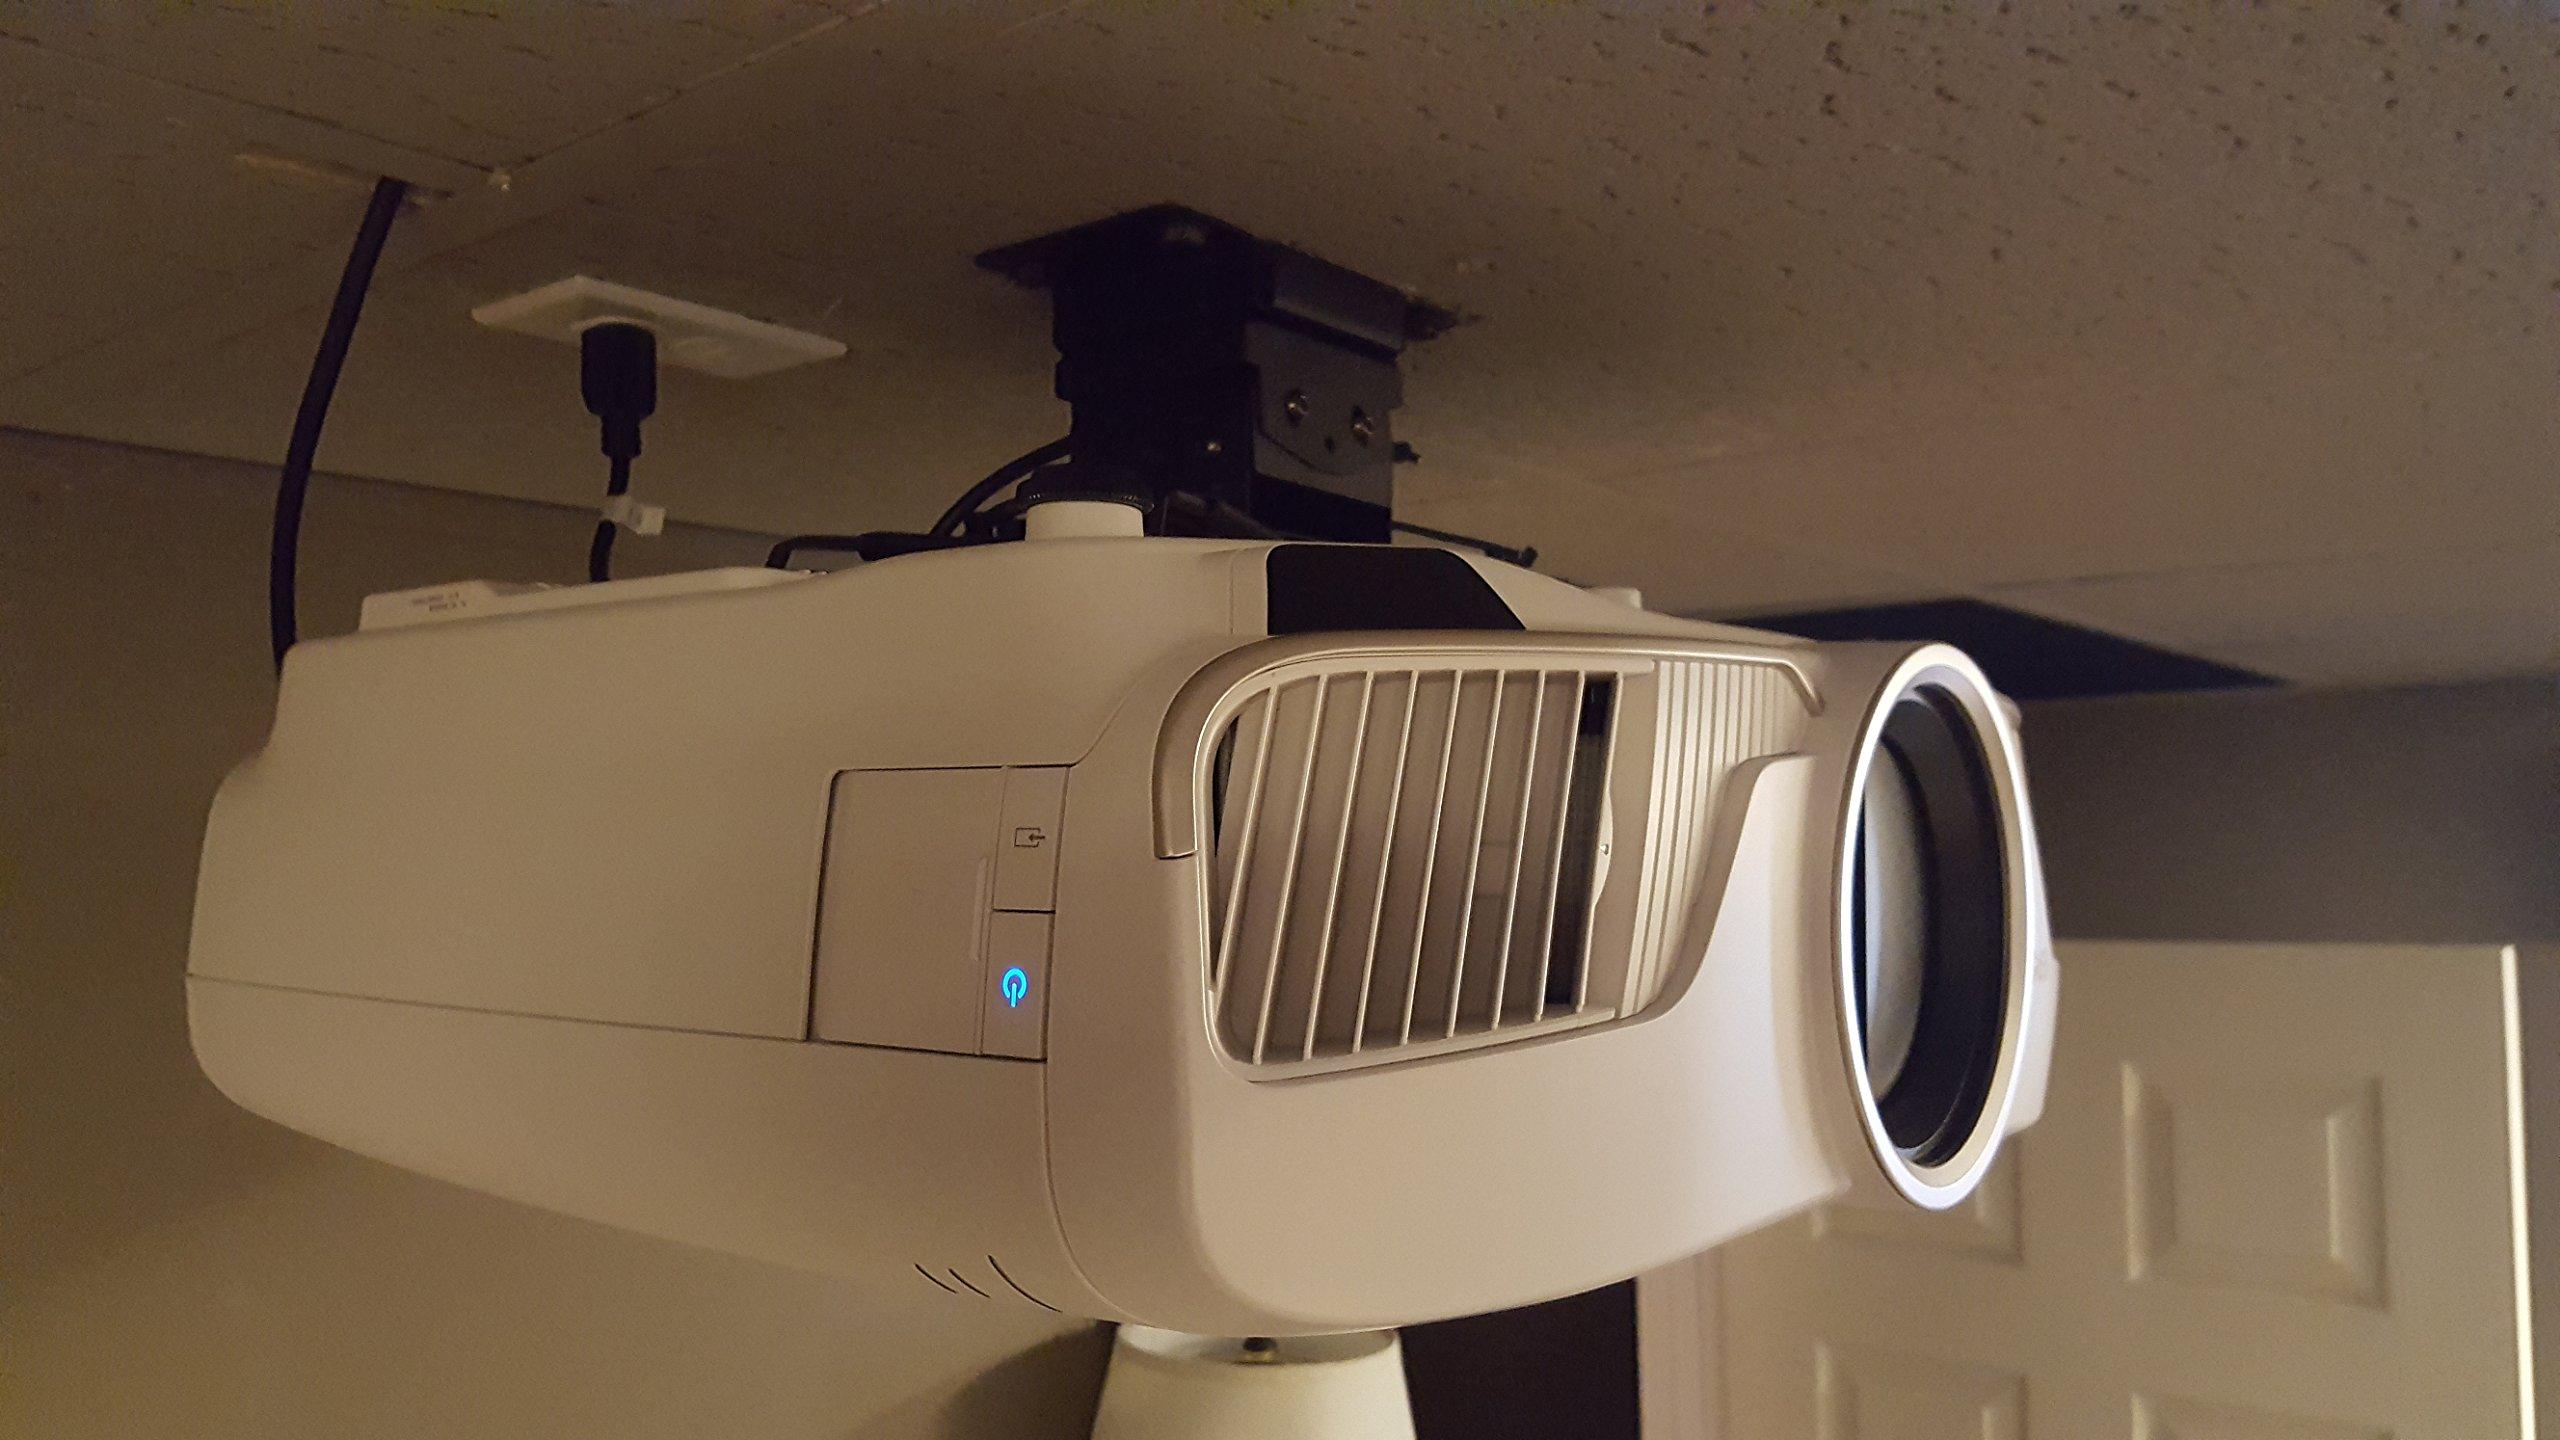 Epson 5040UB Projector Ceiling Mount V2 by Vega AV Systems